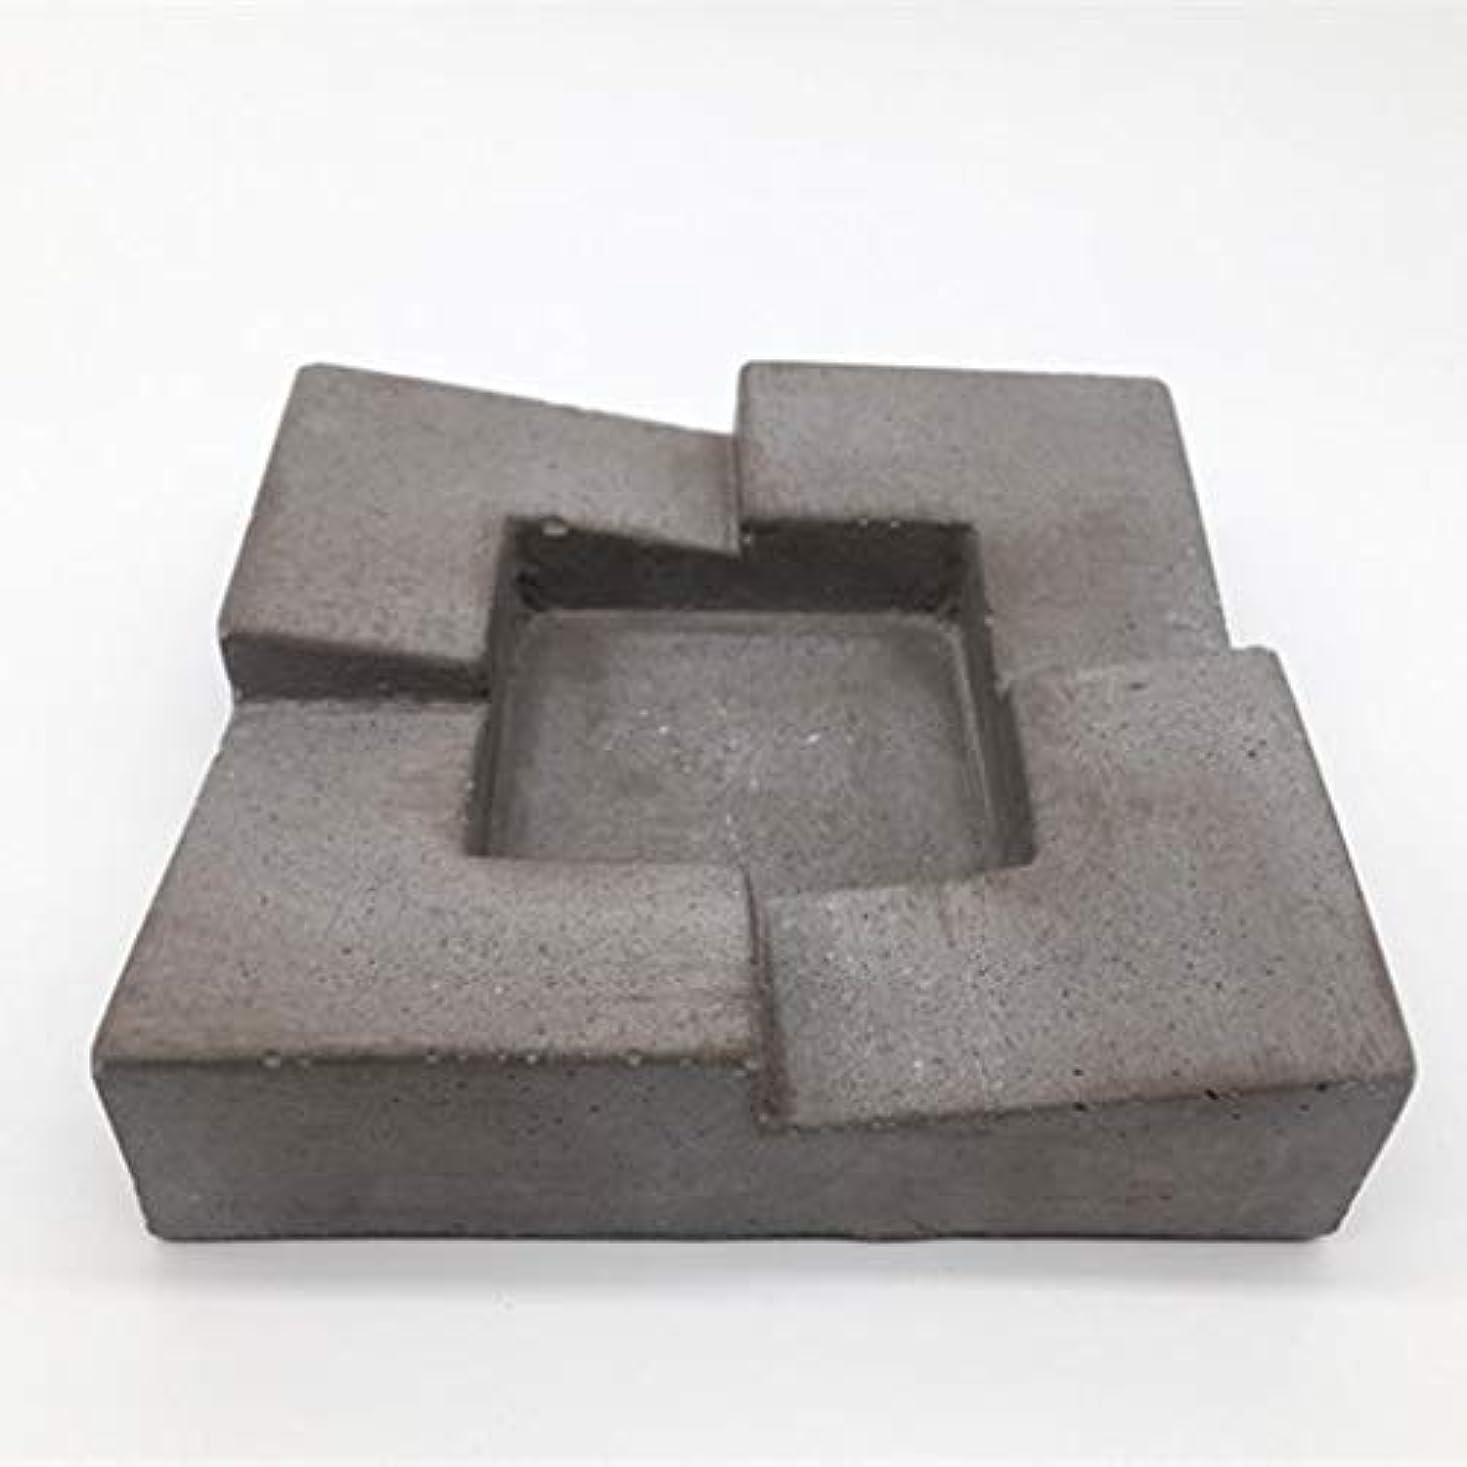 テクスチャーロック解除大理石ビンテージ手彫り灰皿、ホームデスクトップ家具葉巻コンクリートリビングルームバーオフィスセメント灰皿(グレー)品質保証